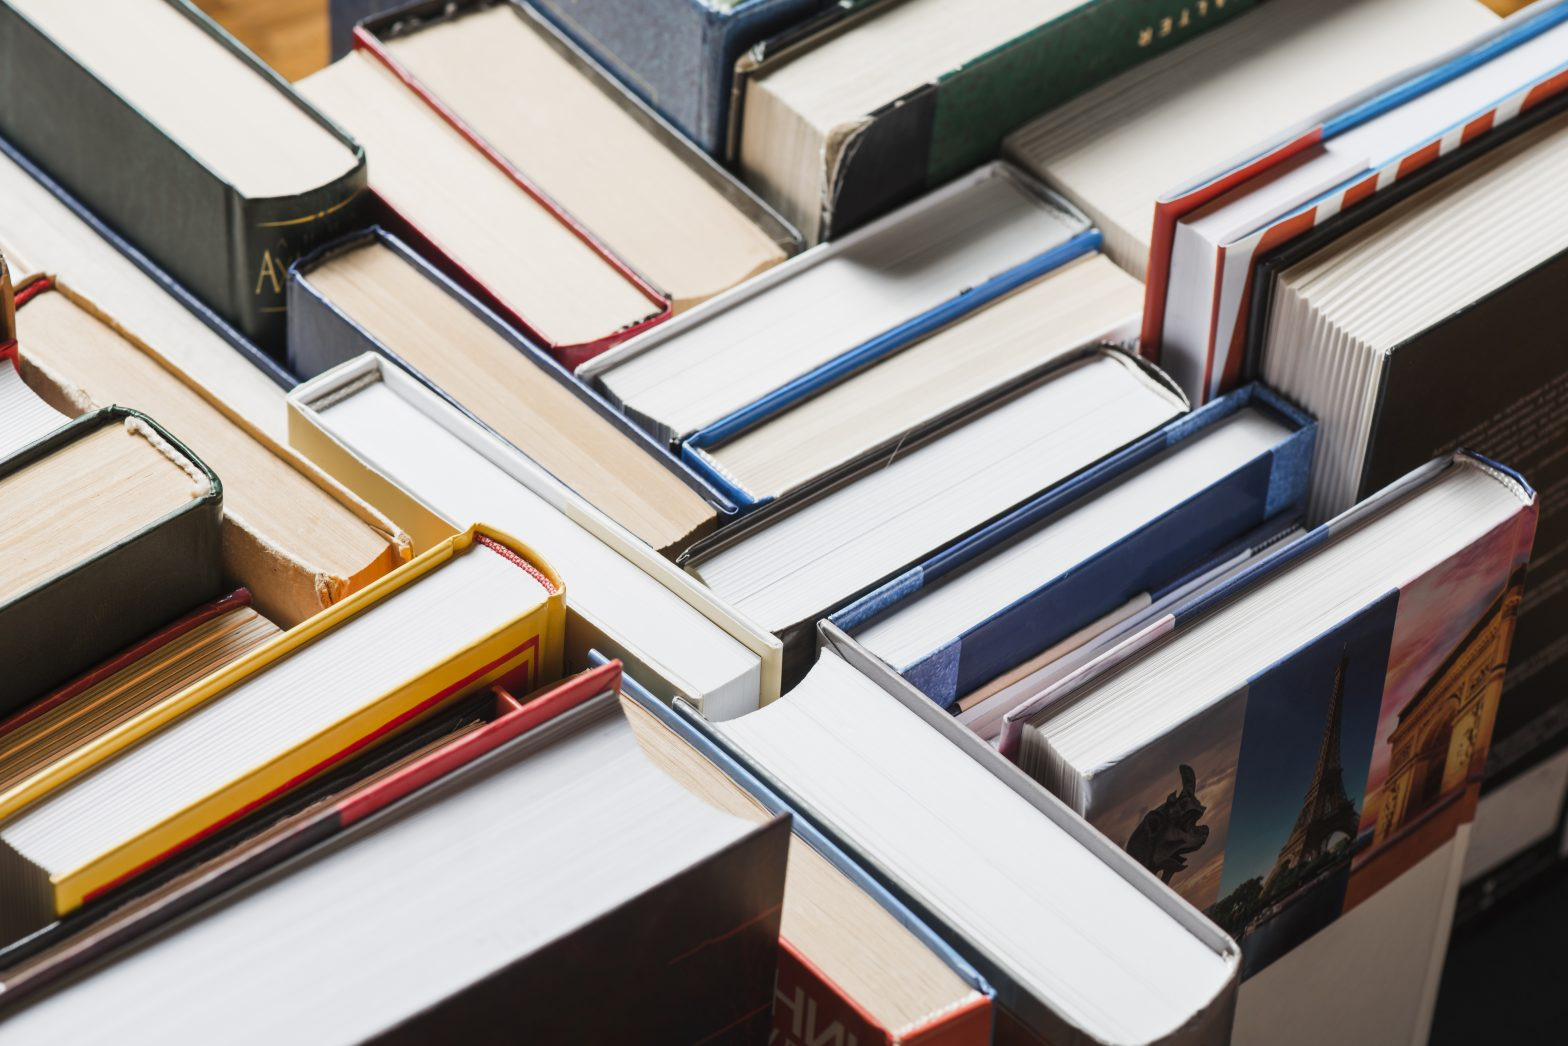 Libros apilados que representan como seguir estudiando